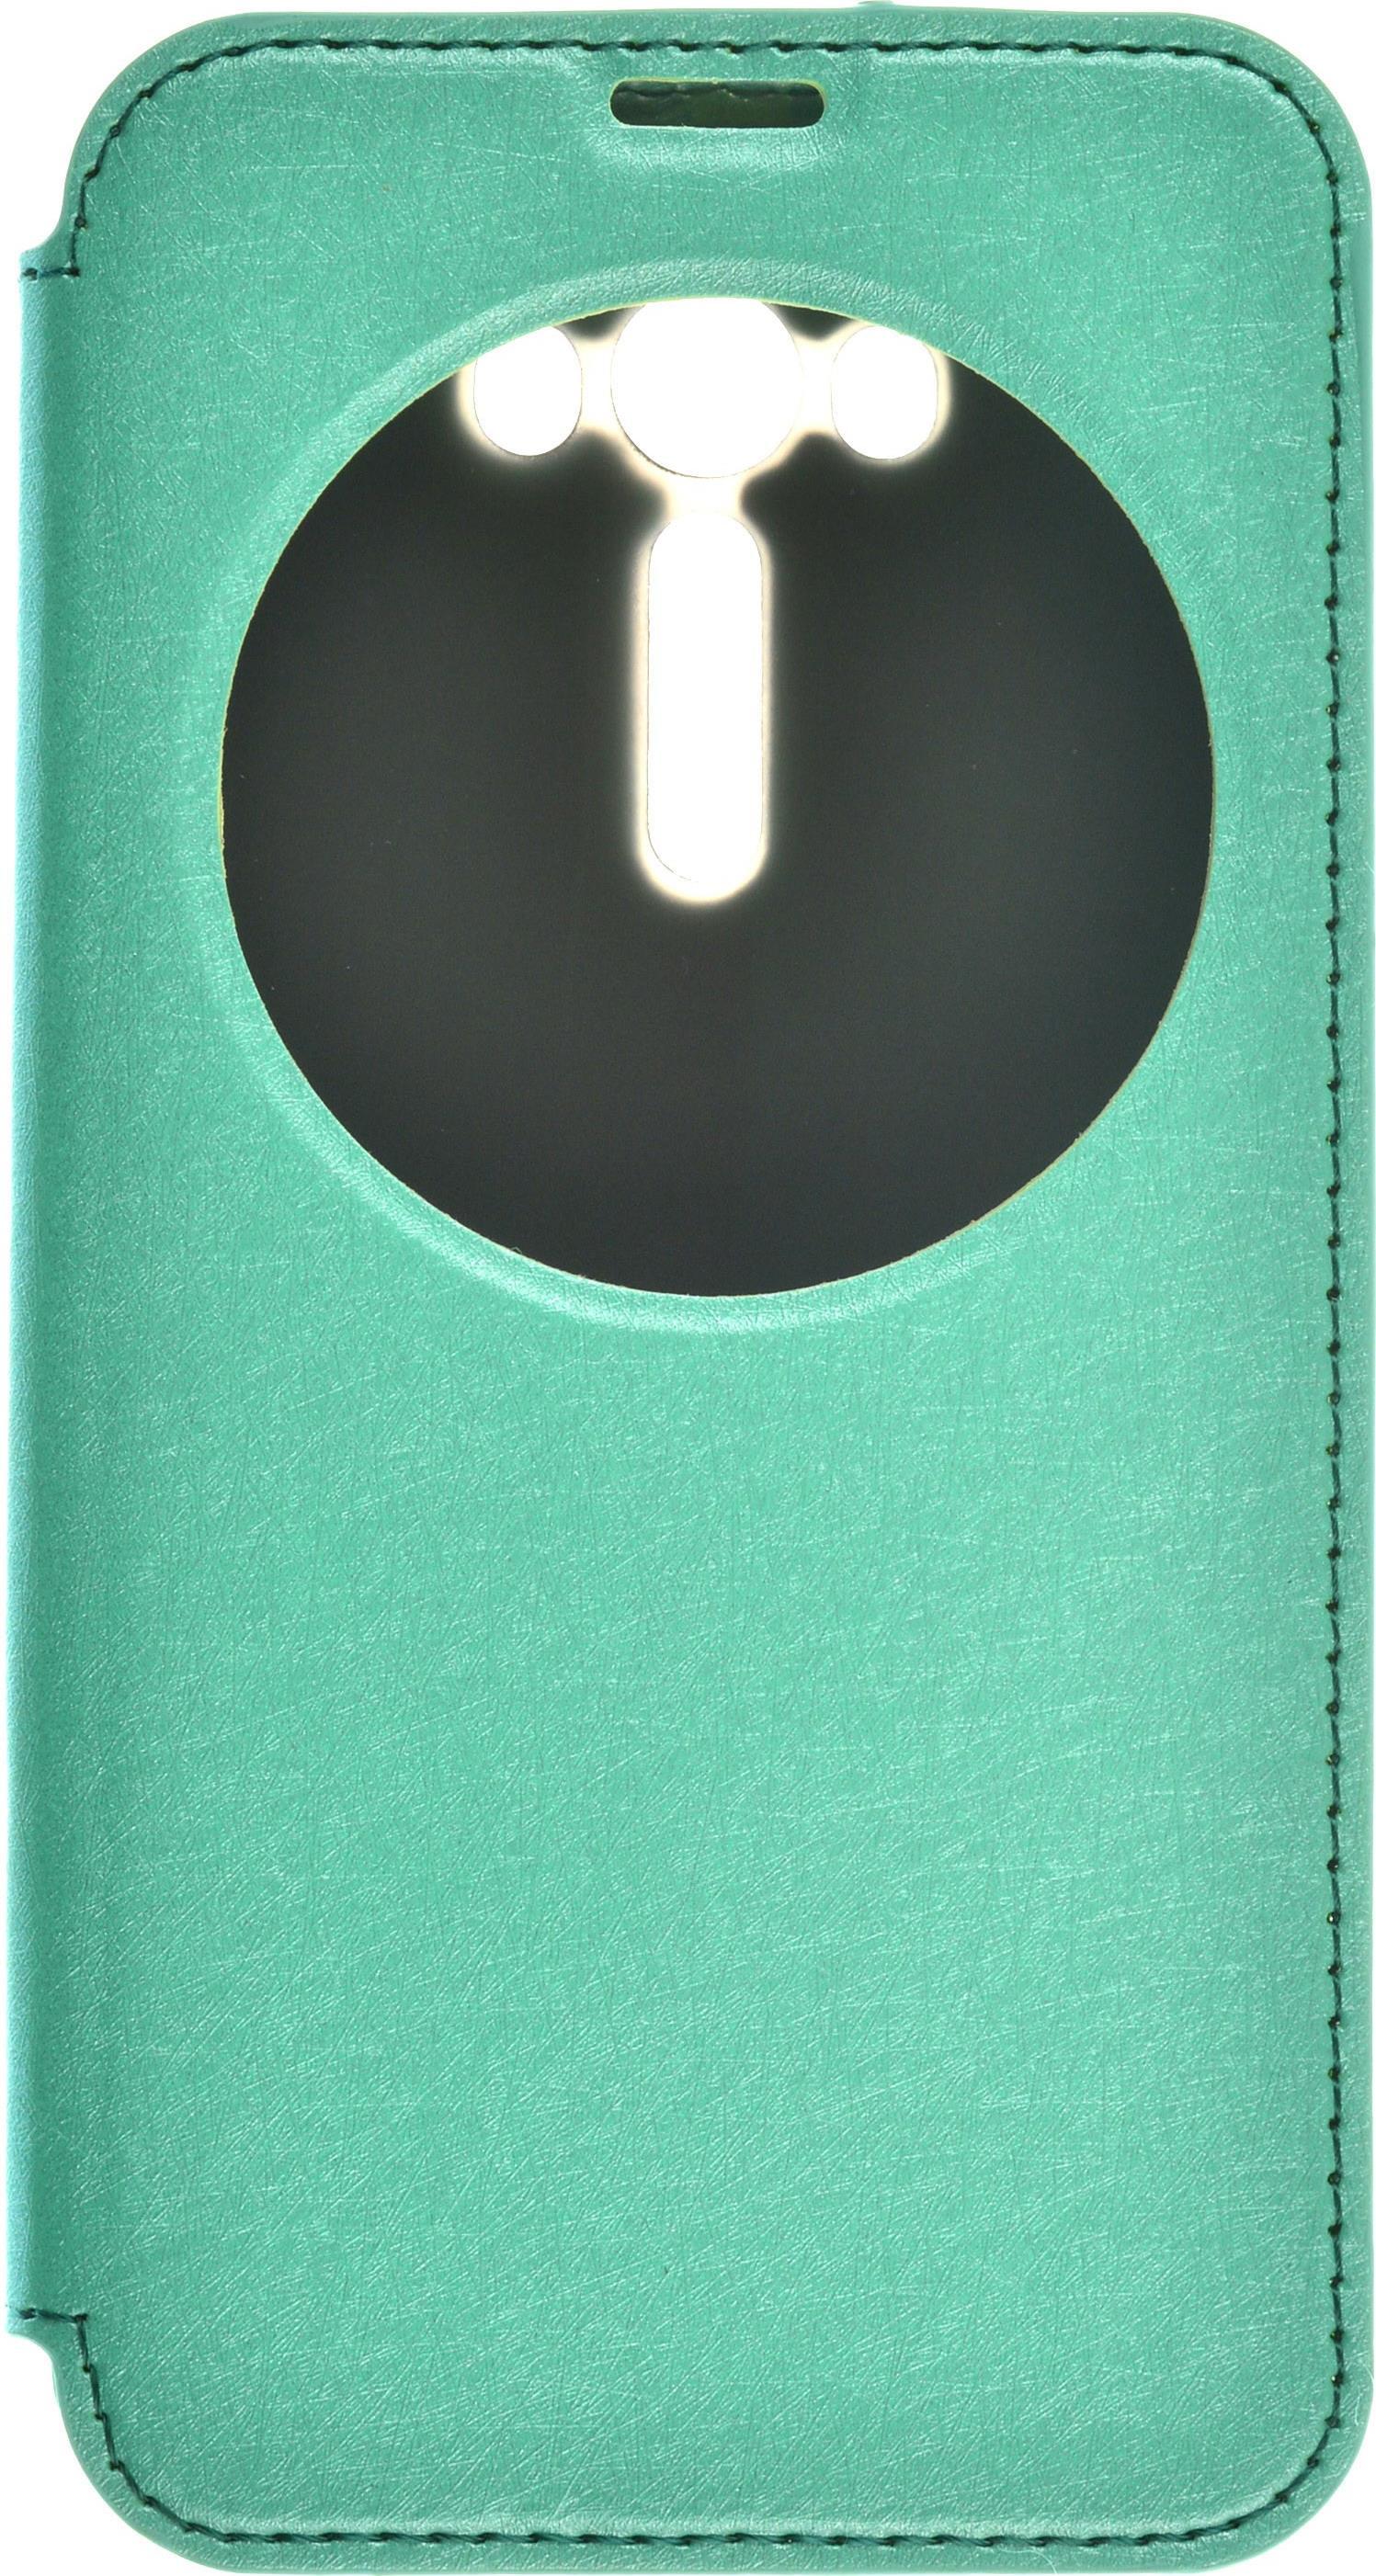 Чехол skinBOX для Asus ZE550KL, 4630042521513, зеленый чехол защитный skinbox asus zenfone 2 laser ze601kl